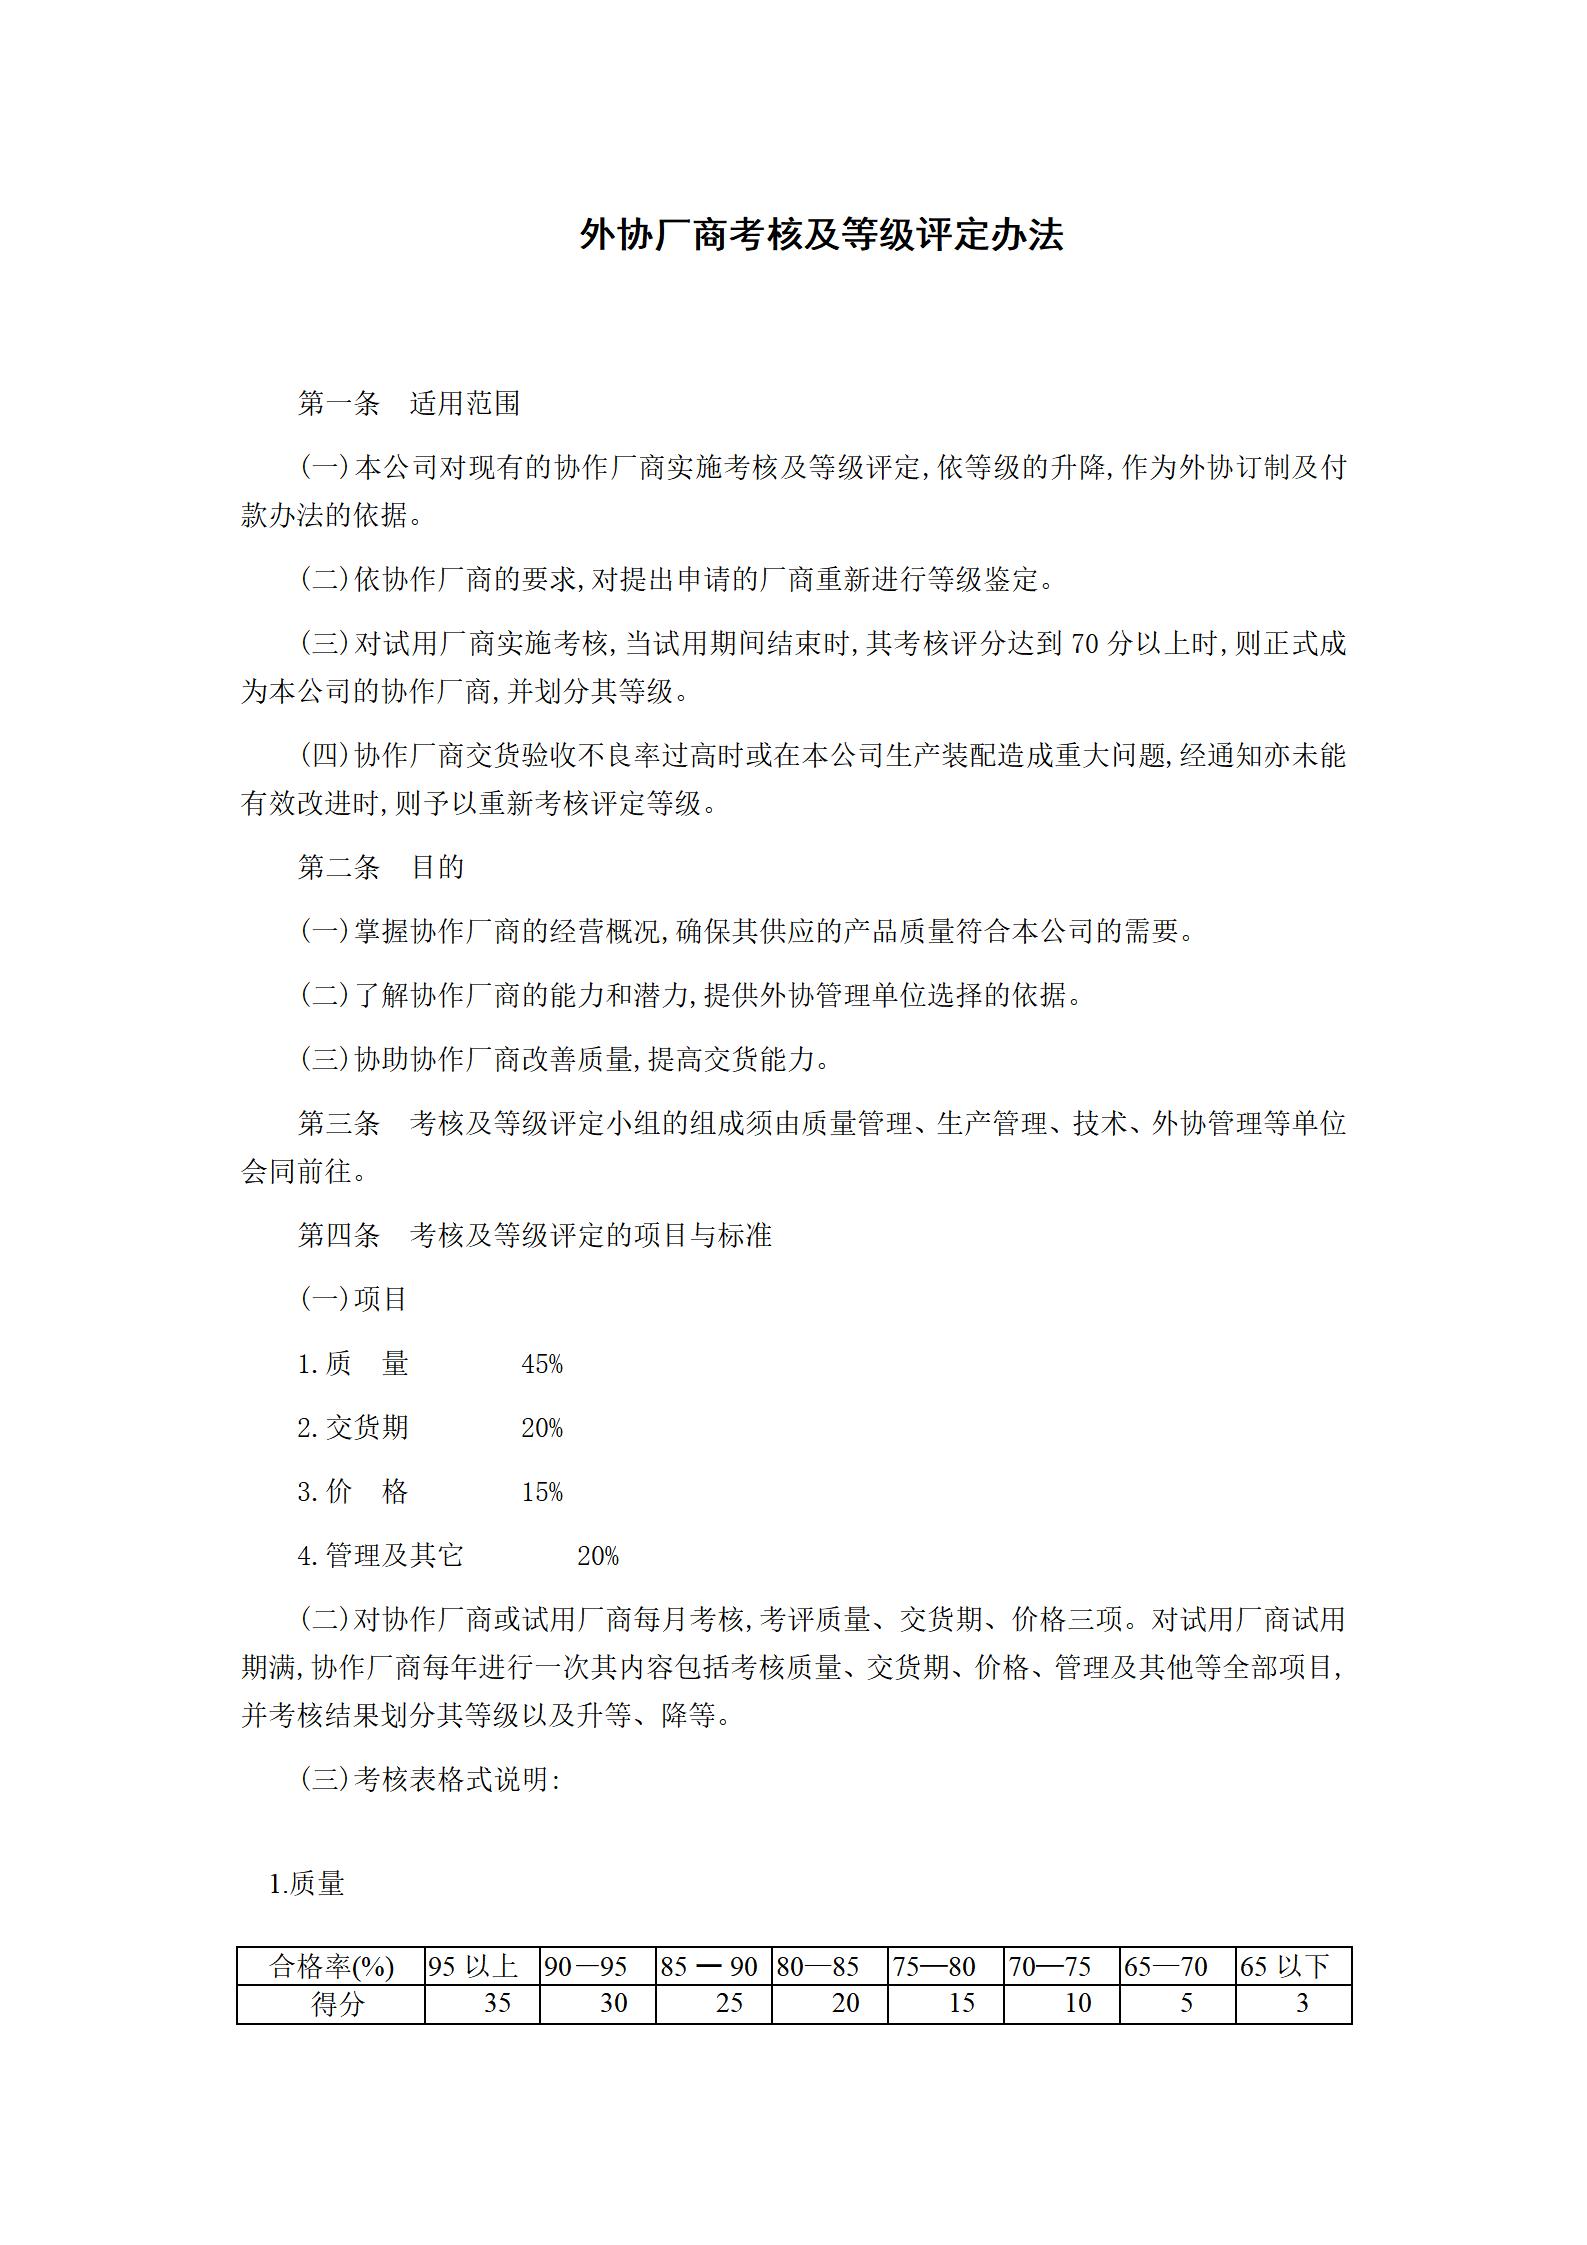 企业生产管理制度-涉外生产之外协厂商考核及等级评定办法_01.png